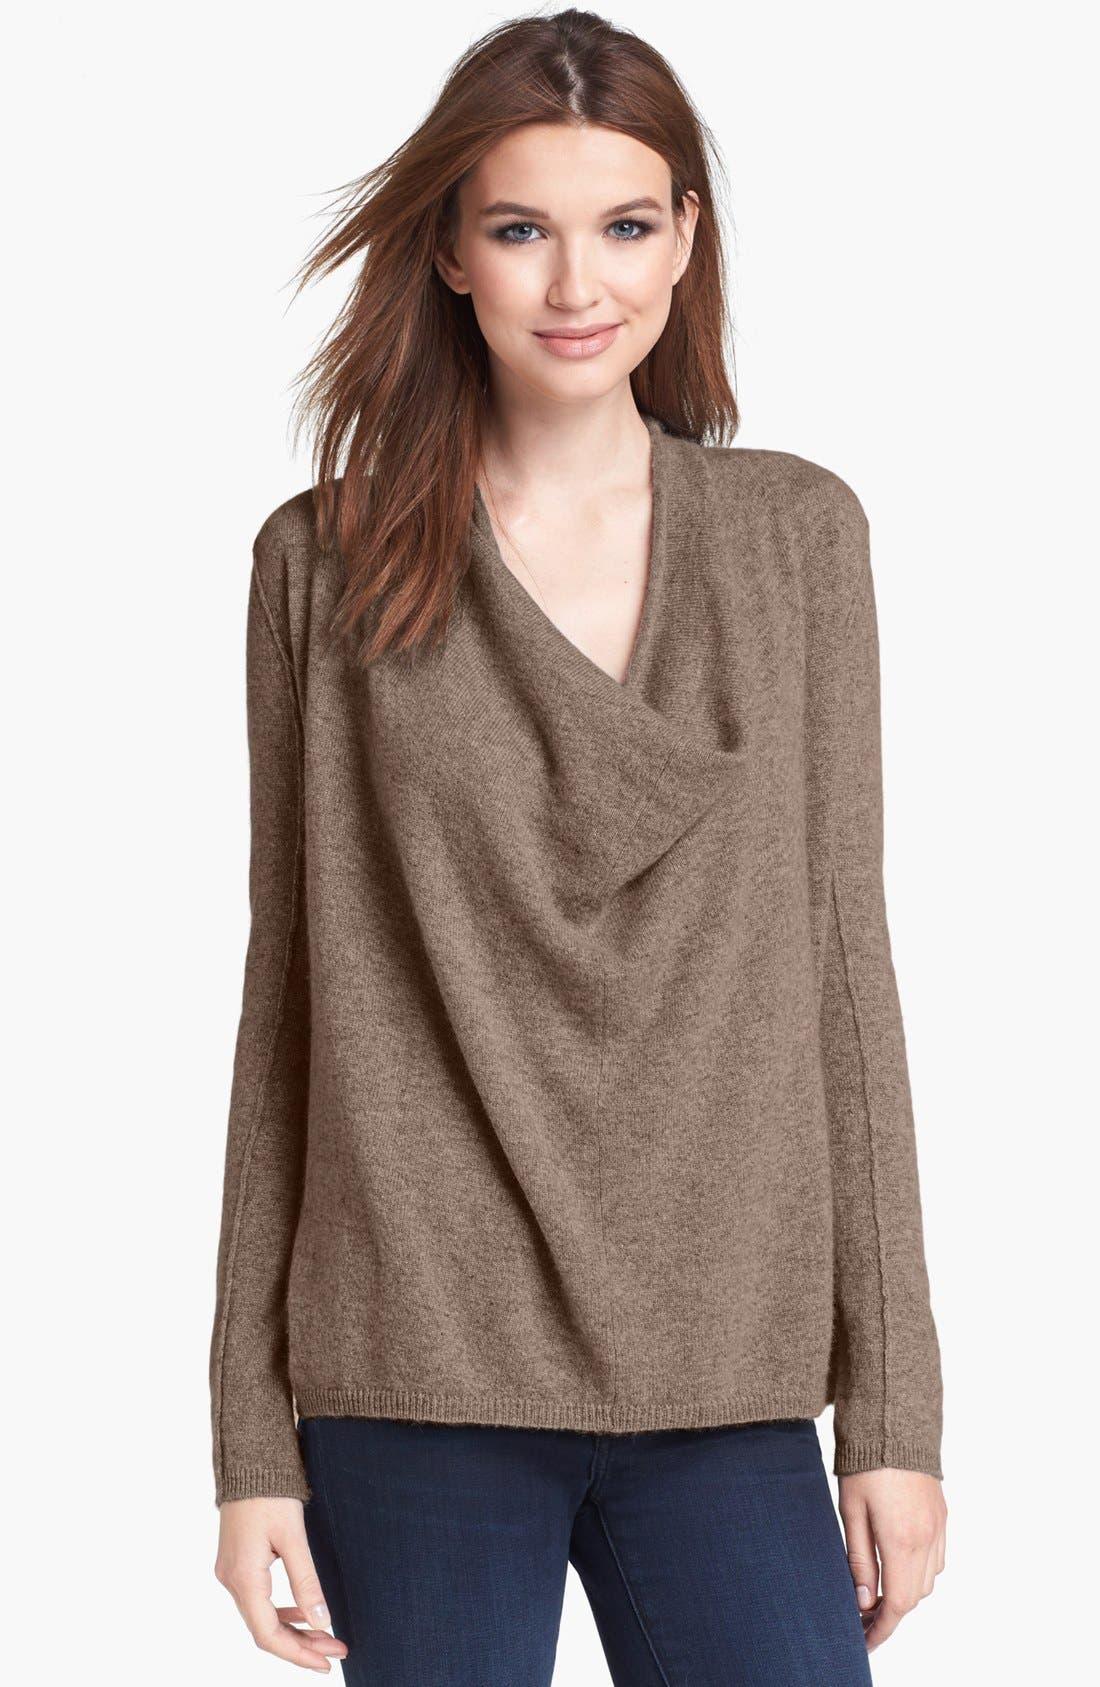 Main Image - Joie 'Crush' Cashmere Sweater